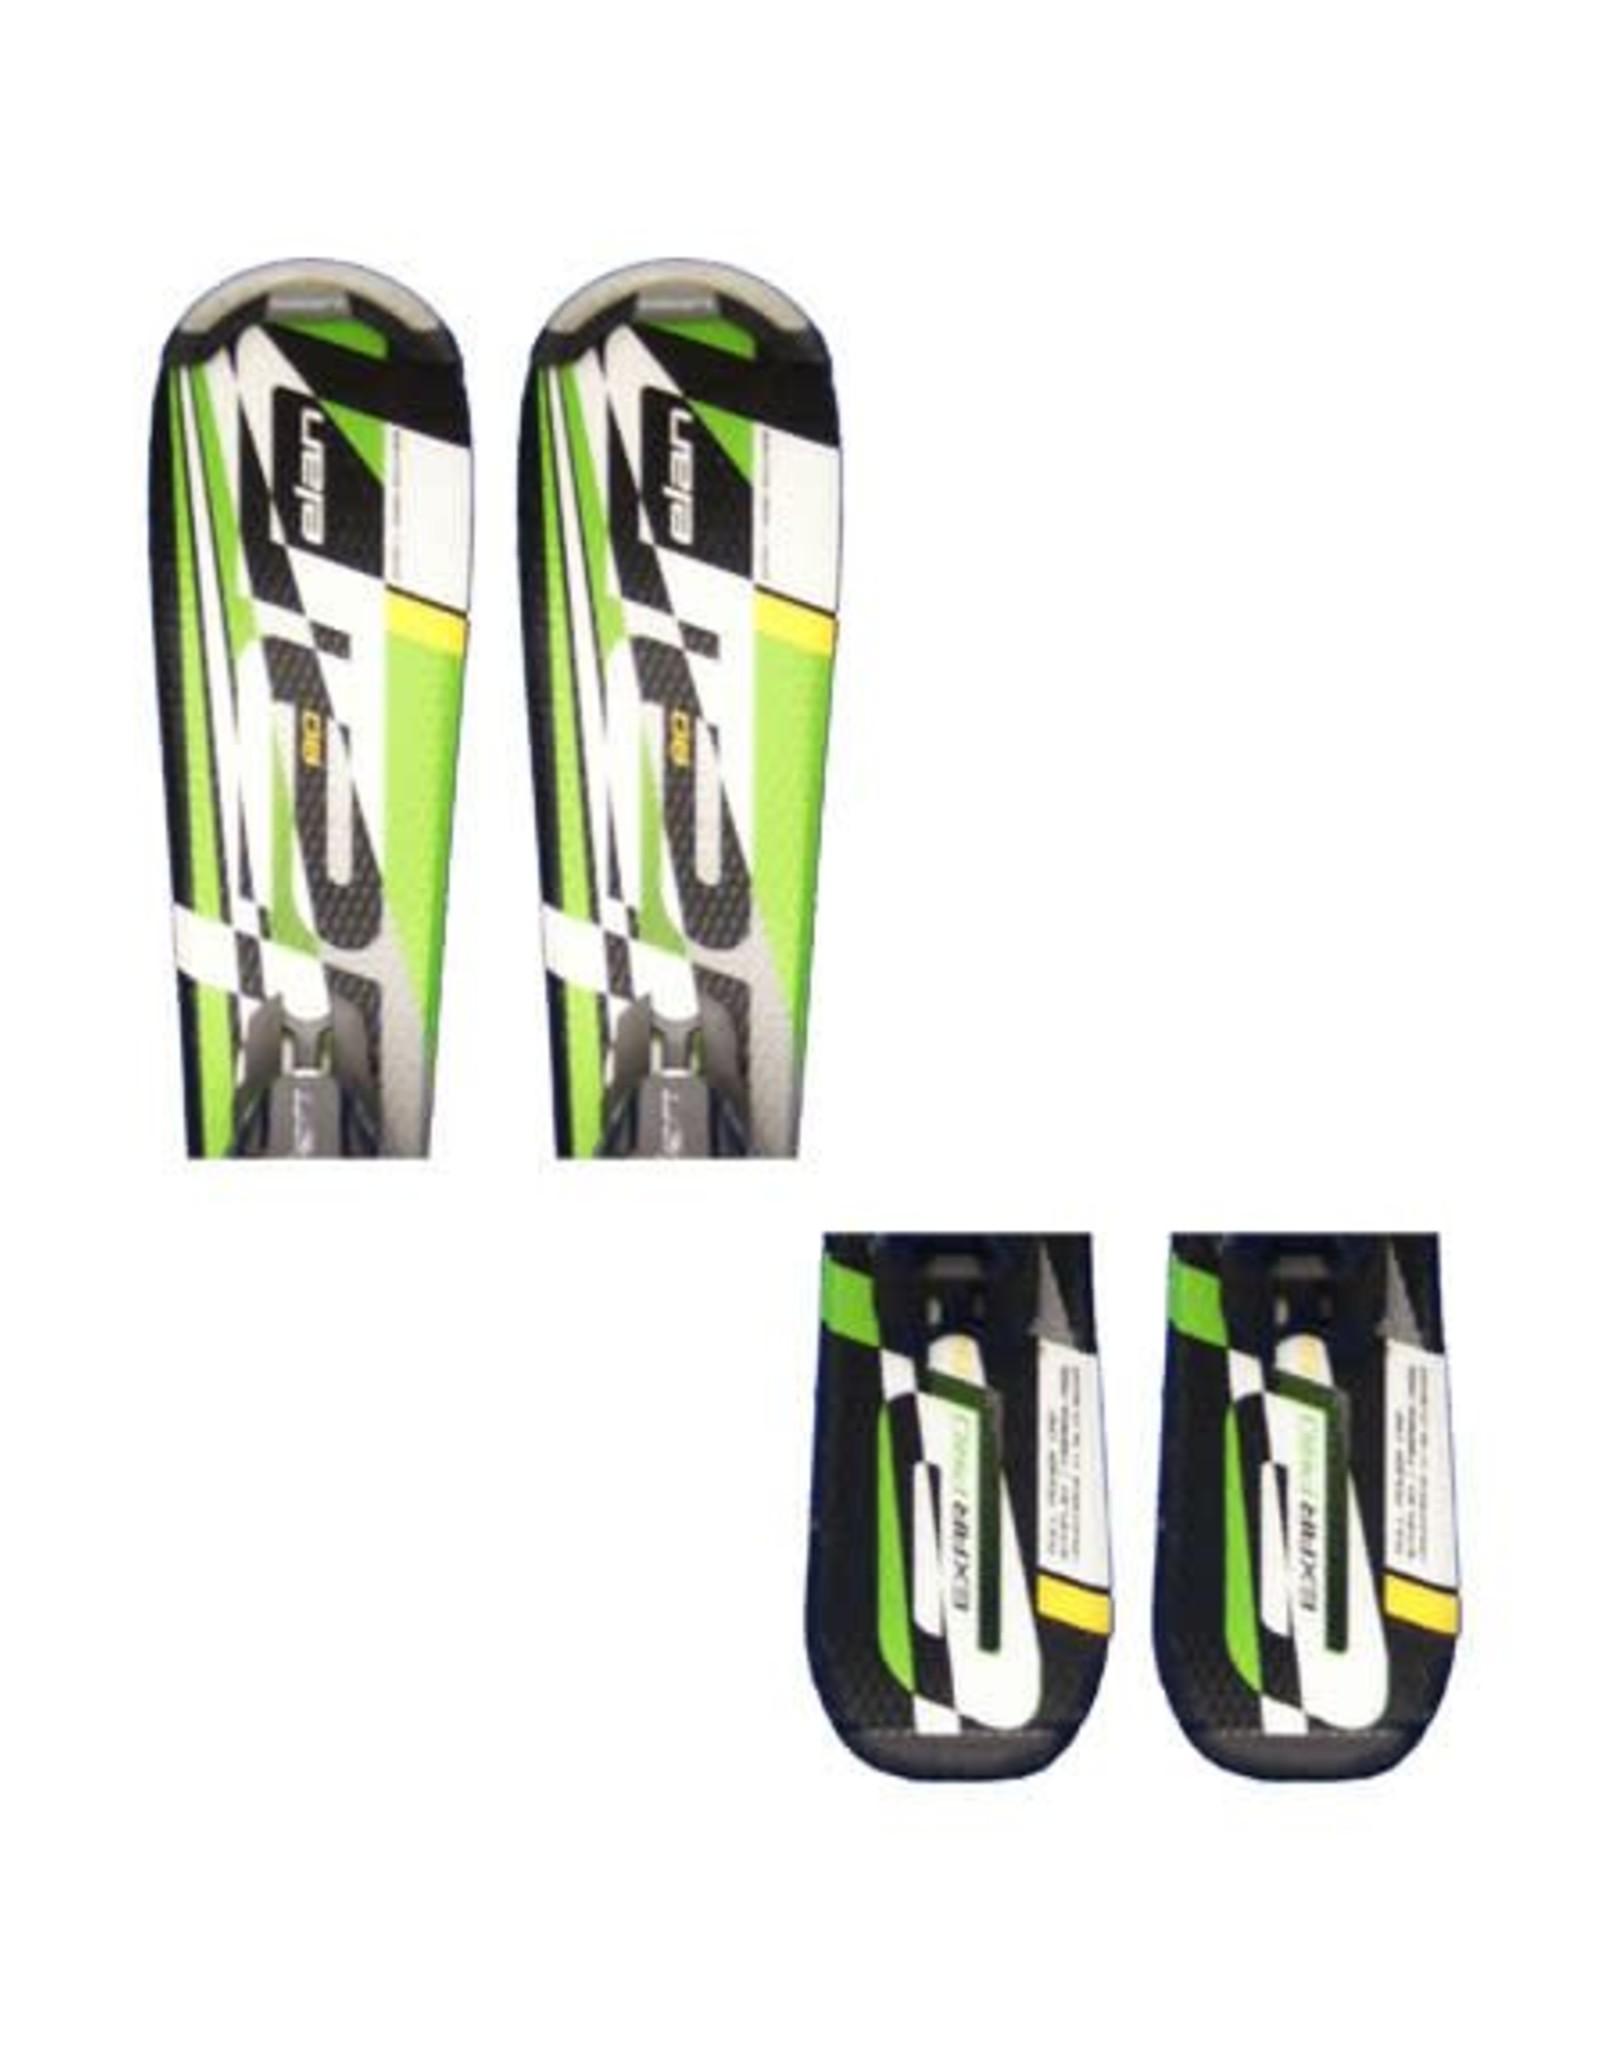 ELAN Elan Exar Pro (grn/zw/wit) Ski's Gebruikt